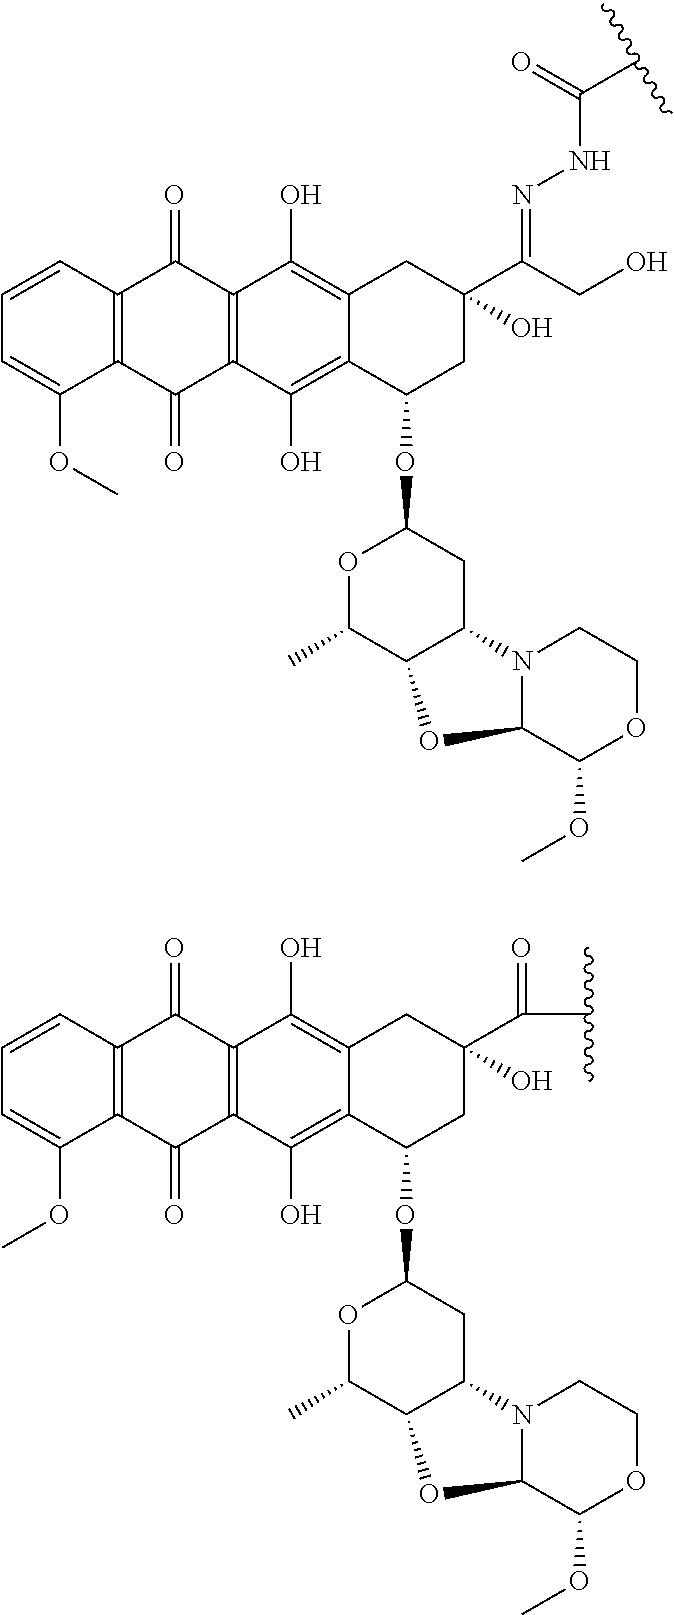 Figure US09695240-20170704-C00017